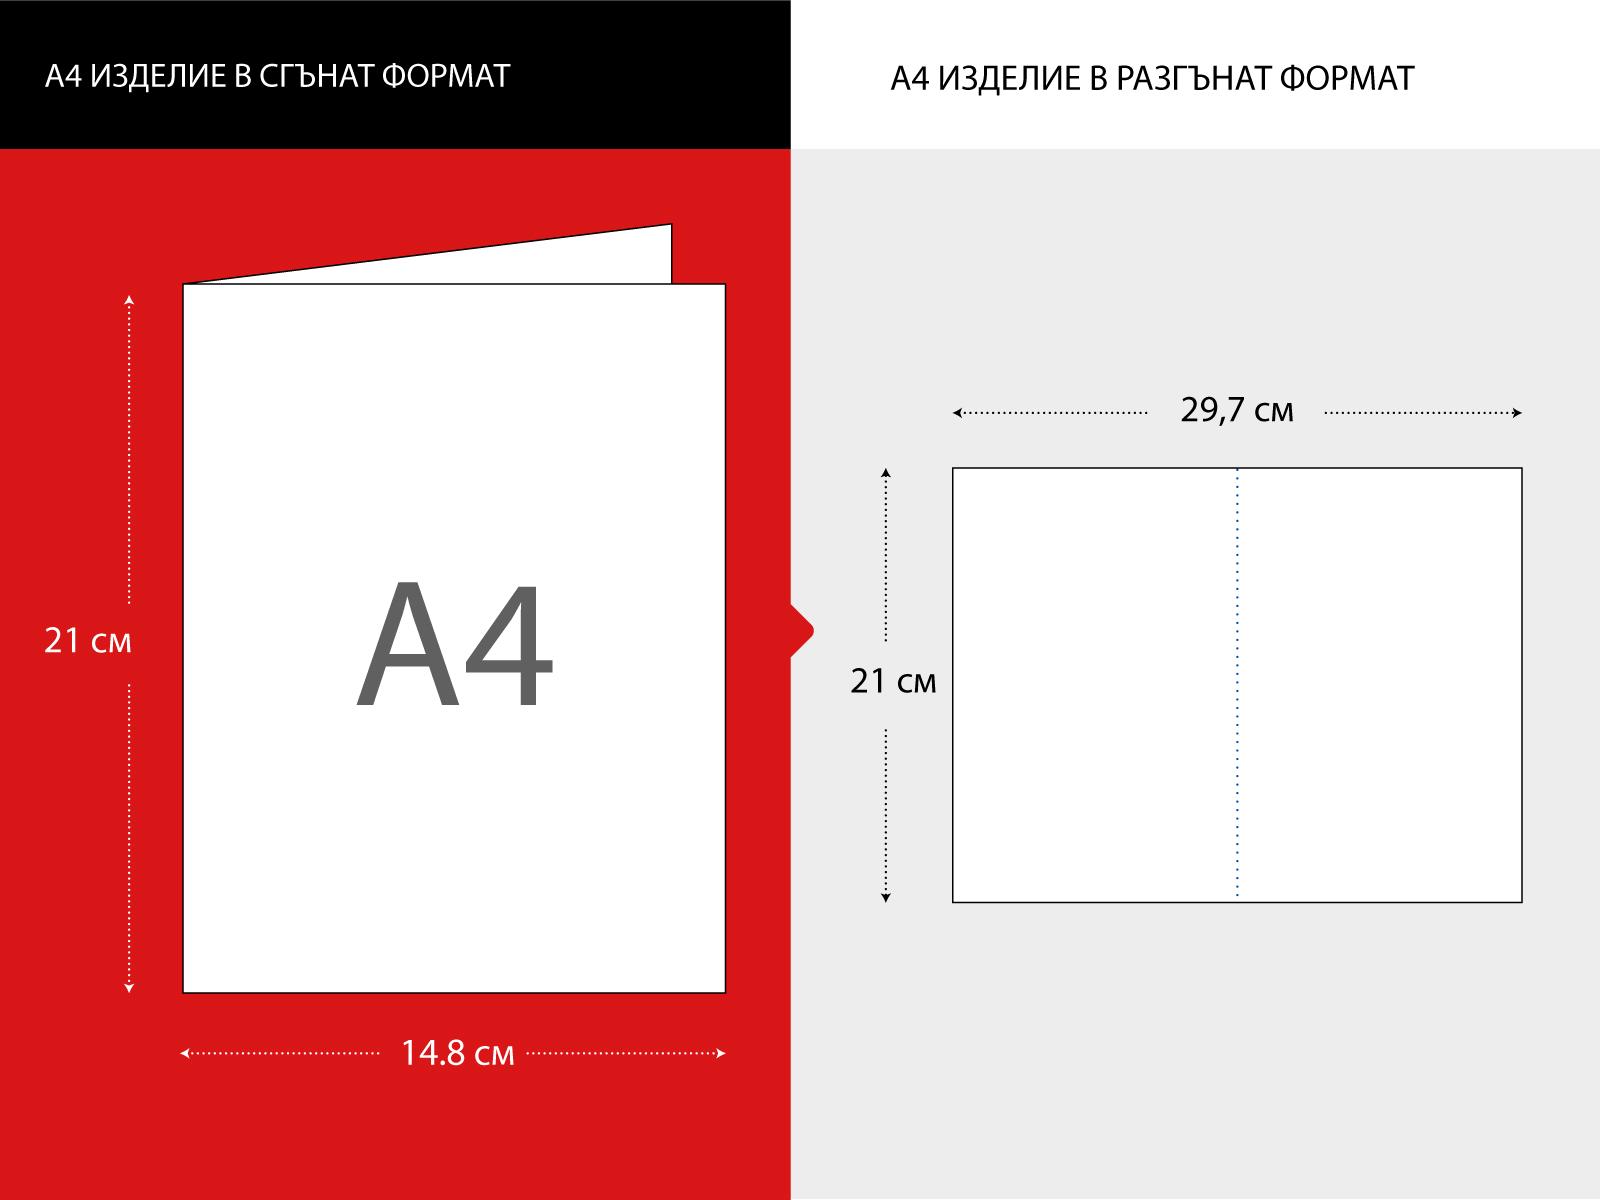 A4 лист размер на отпечатаното изделие